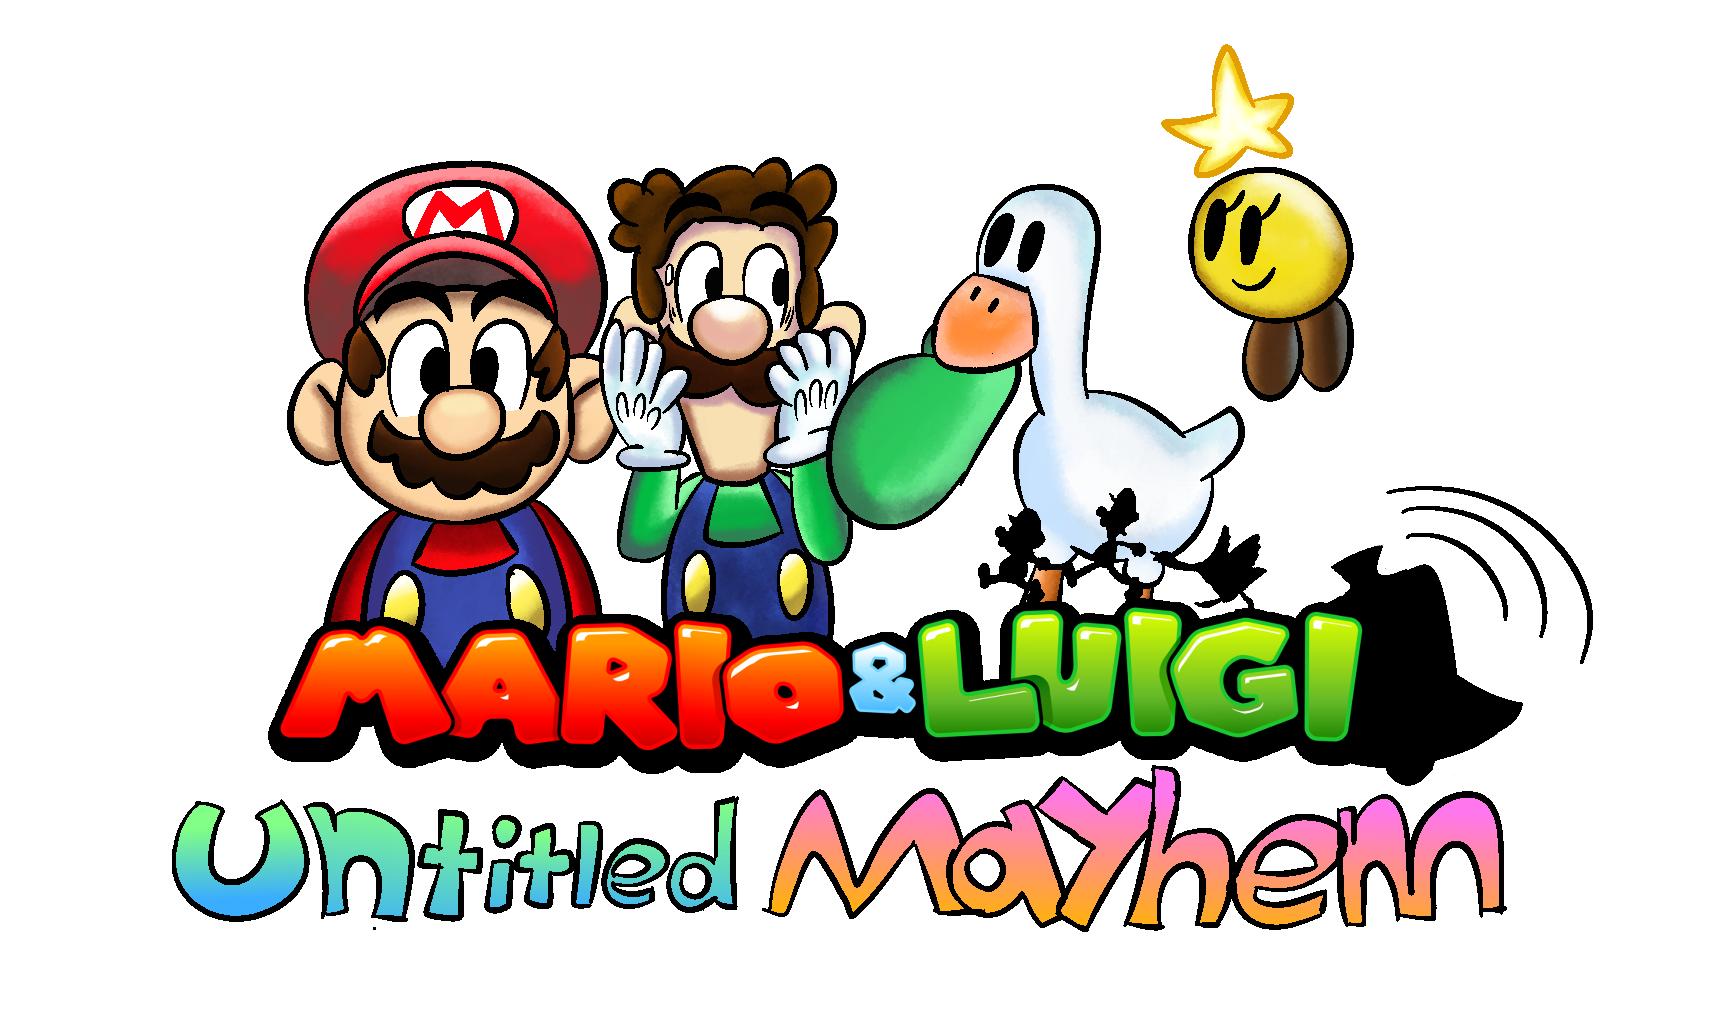 Goose really loves Luigi's hat.